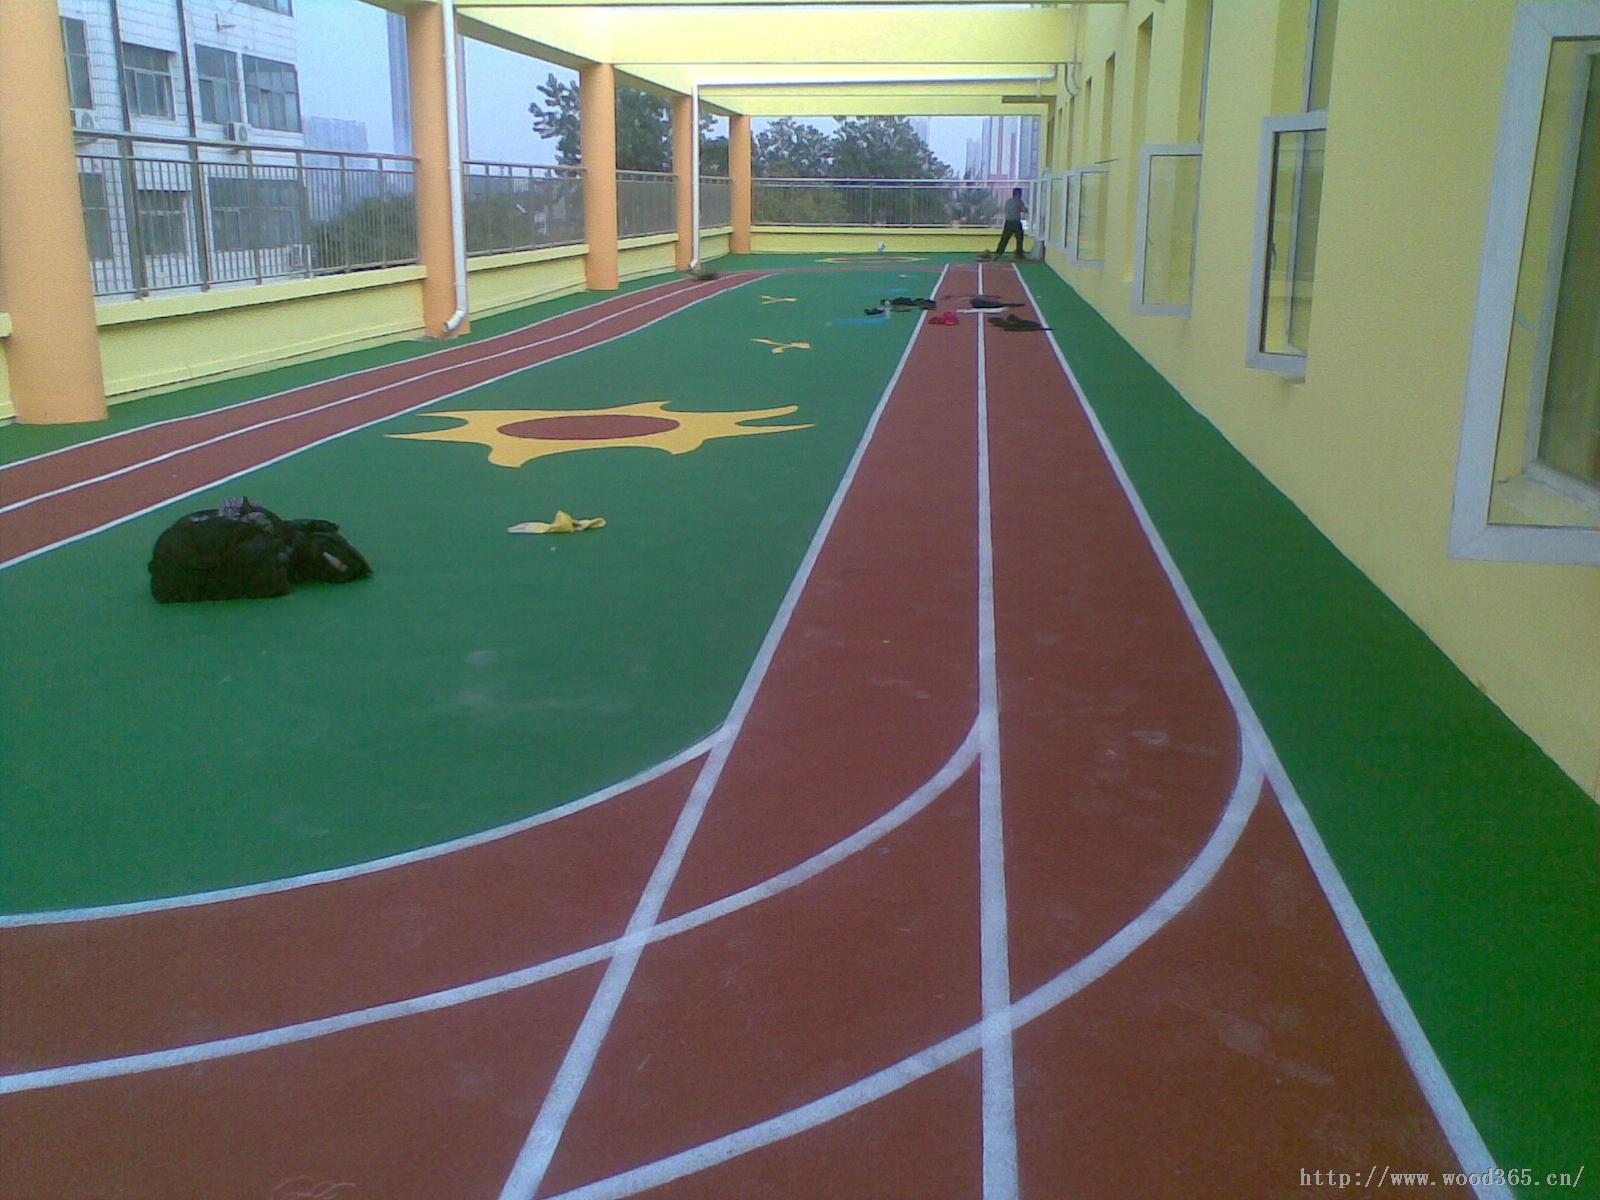 天域体育,尽享运动之美! 北京天域体育用品有限公司专业铺装幼儿园塑胶场地。质量上乘,信誉第一。所铺设的塑胶场地均达到国家标准。 幼儿园塑胶地面特点:1、色泽鲜艳2、颜色多样3、可拼各种图案4、减少活动伤害5、防滑防摔性能好,对儿童的安全起到了良好的保护作用6、维护简便.